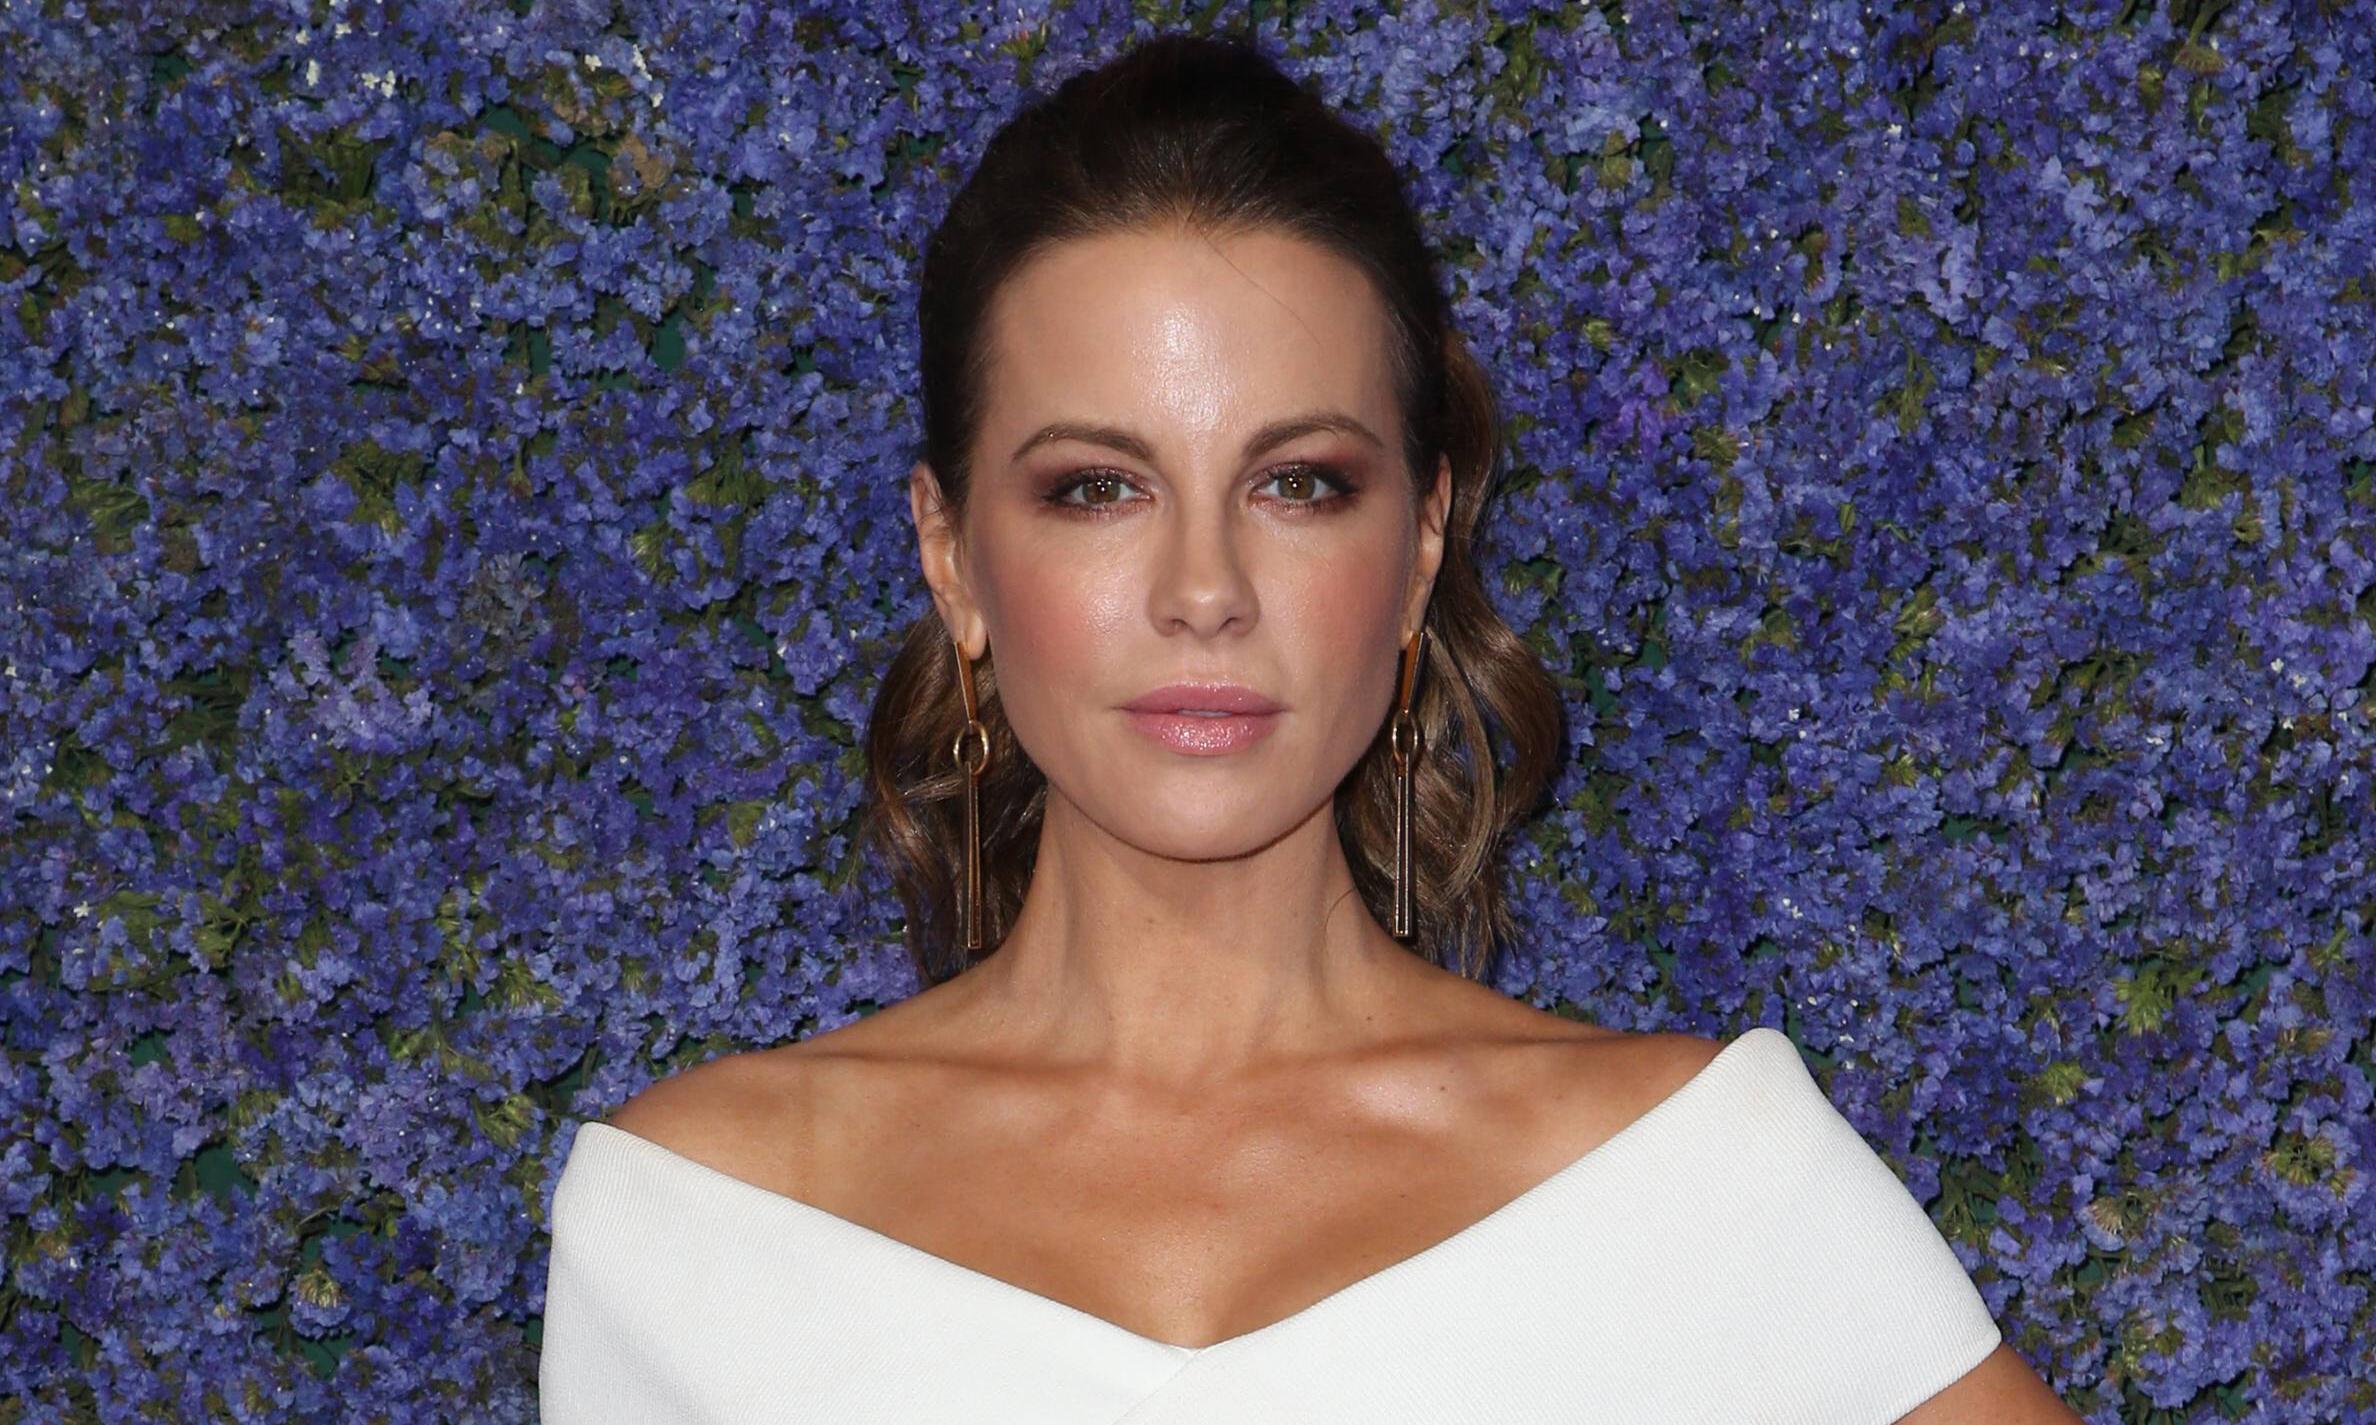 Секреты красоты и молодости Кейт Бекинсейл, которая в 46 выглядит на 25